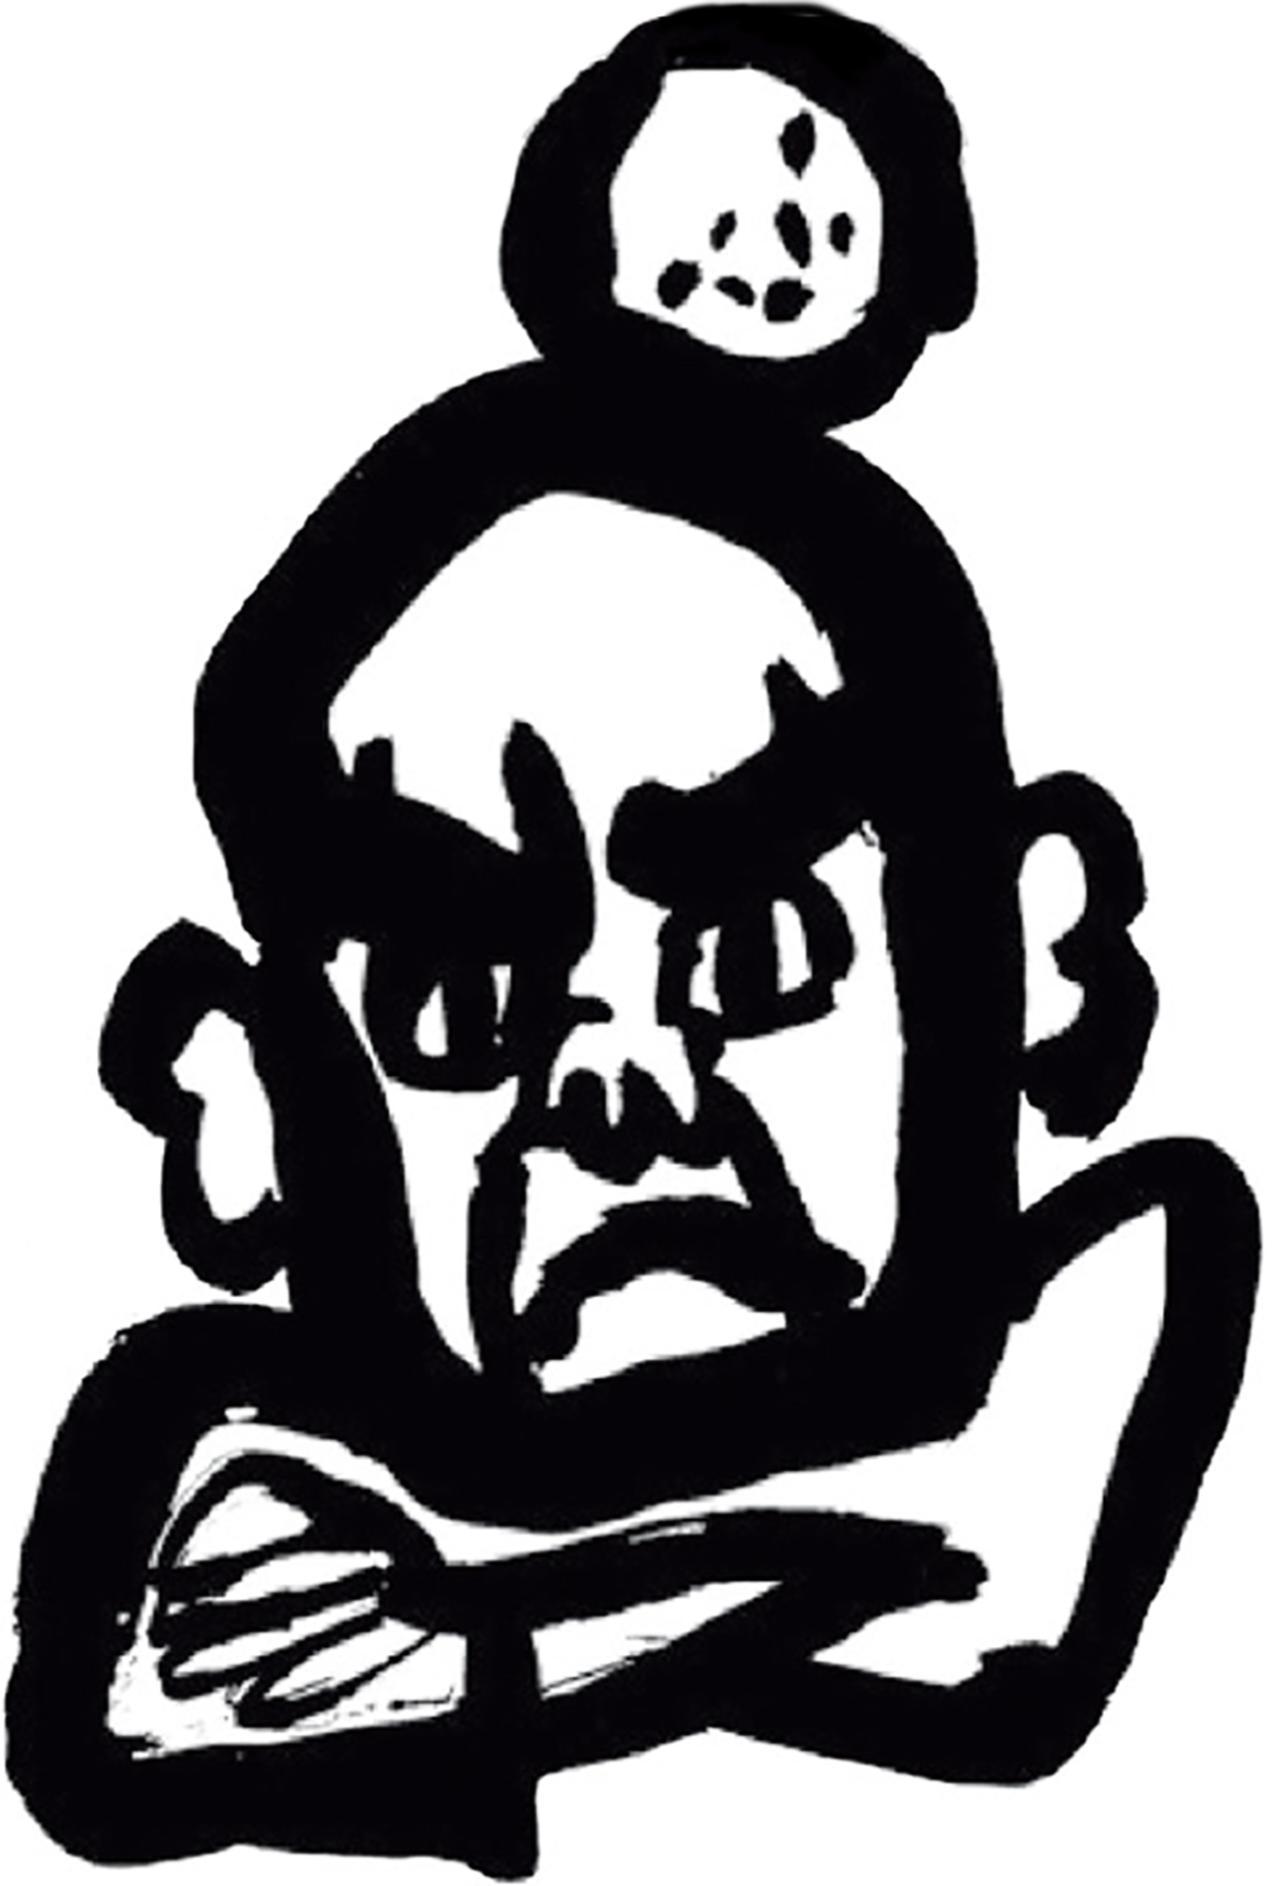 画像: 悩んでねぇで 相談に来なっ! 江戸っ子クラブ職人 頑固おやじその道35年、東京下町のゴルフ工房店主。厳しくも愛があって常連客に慕われる。好きな言葉は「鉄は熱いうちに打て」